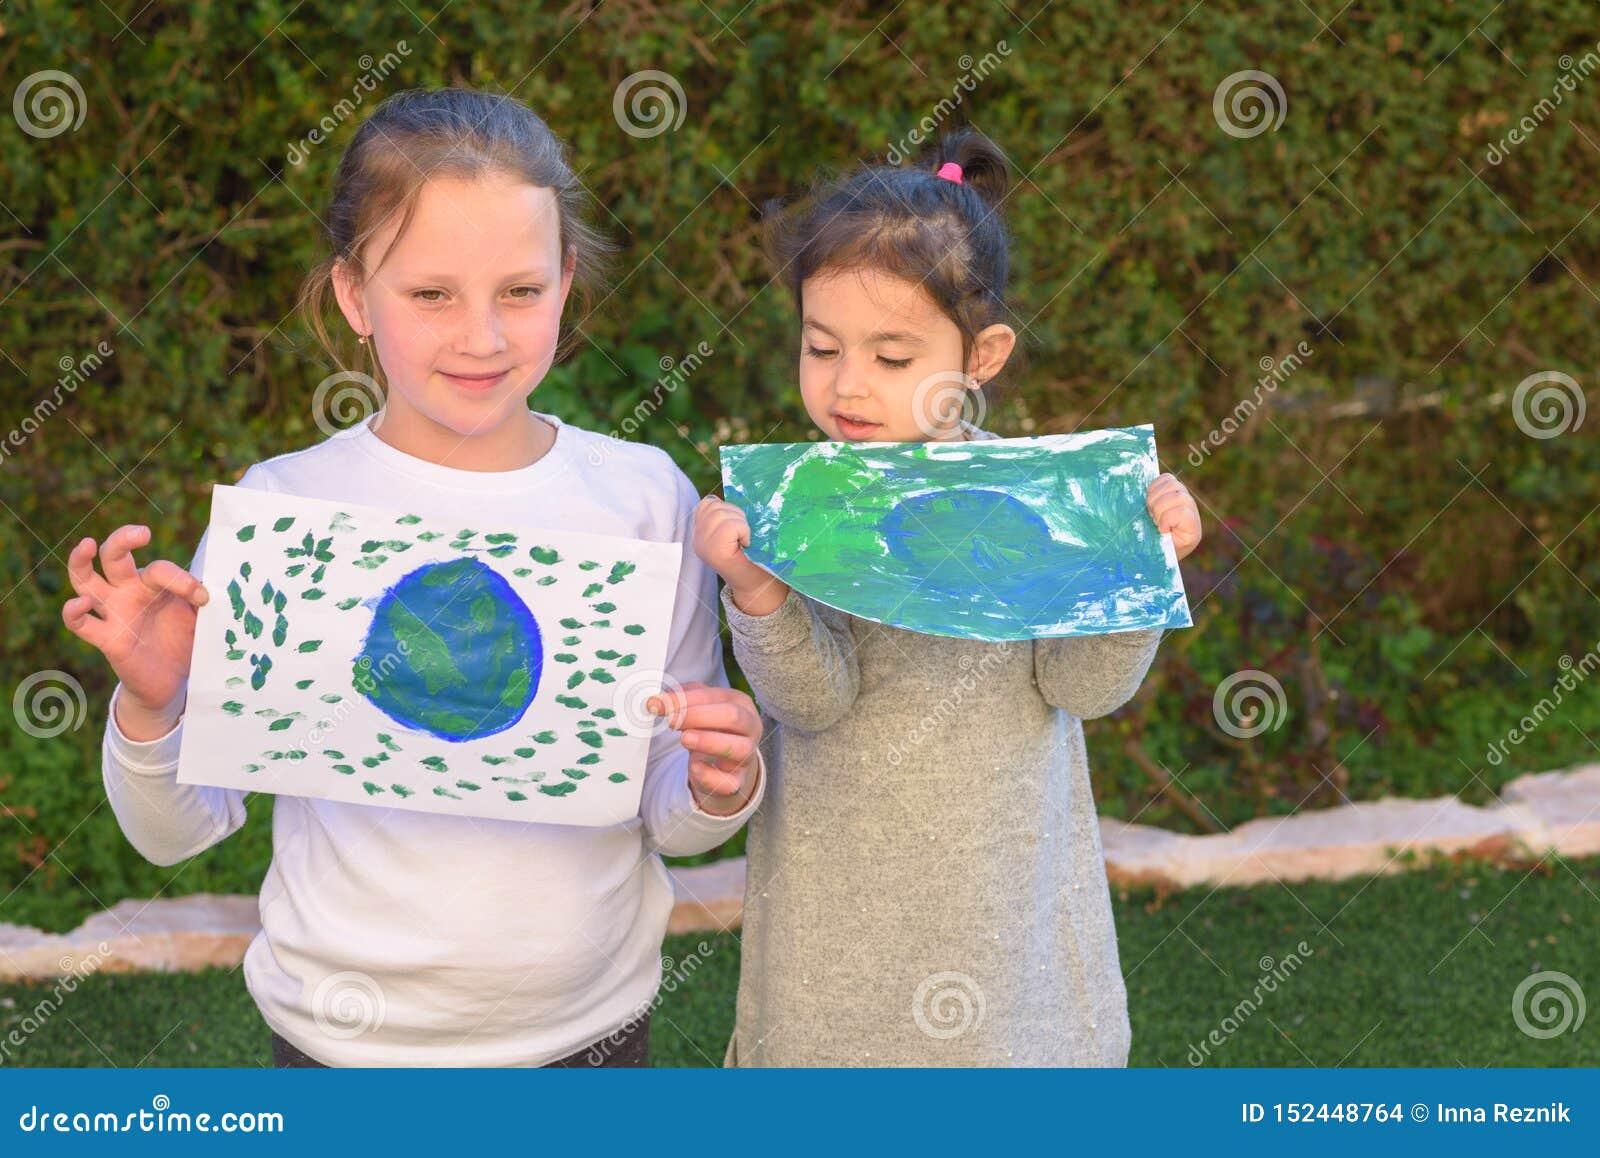 Retrato de las dos niñas lindas que sostienen el globo de dibujo de la tierra Imagen del paintig de los niños de la tierra que se